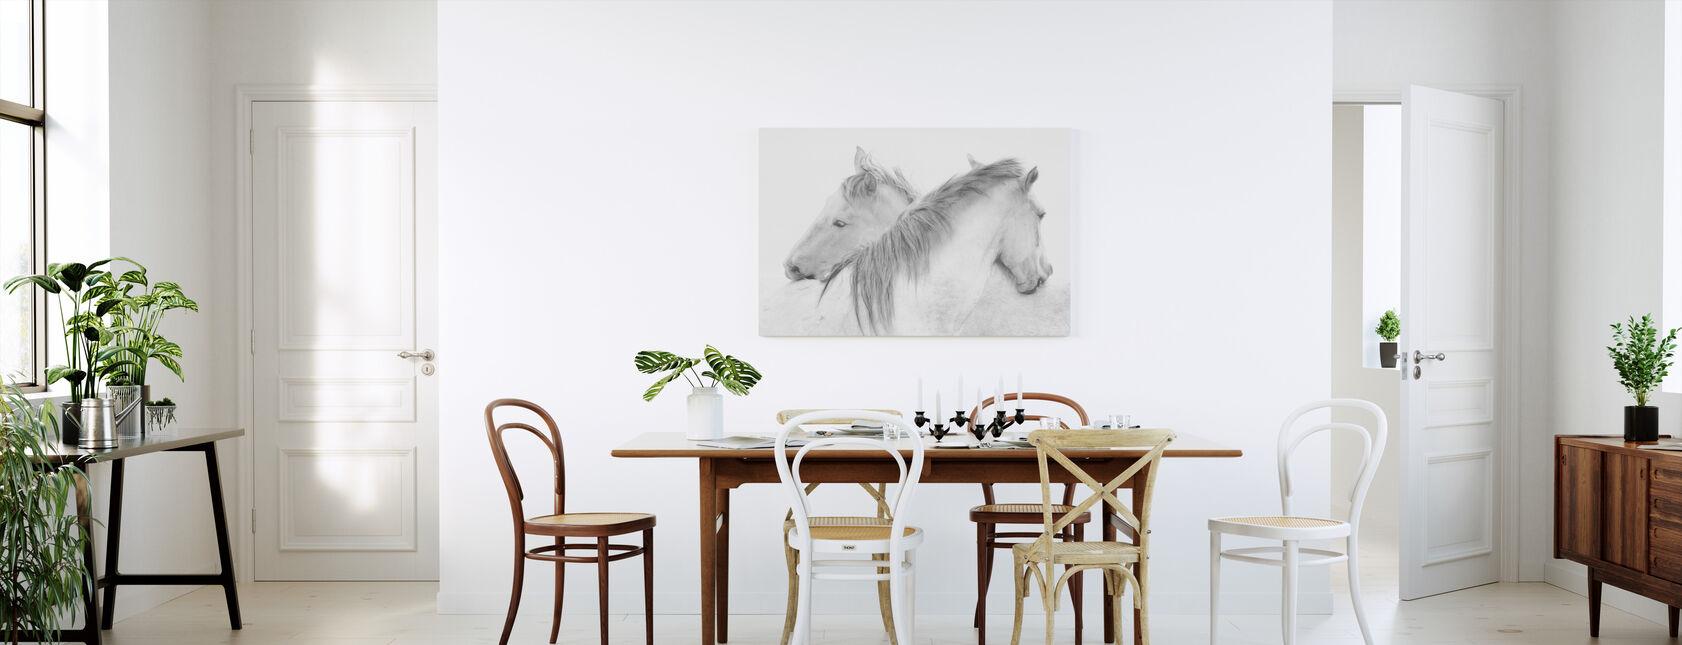 Hevoset - Canvastaulu - Keittiö